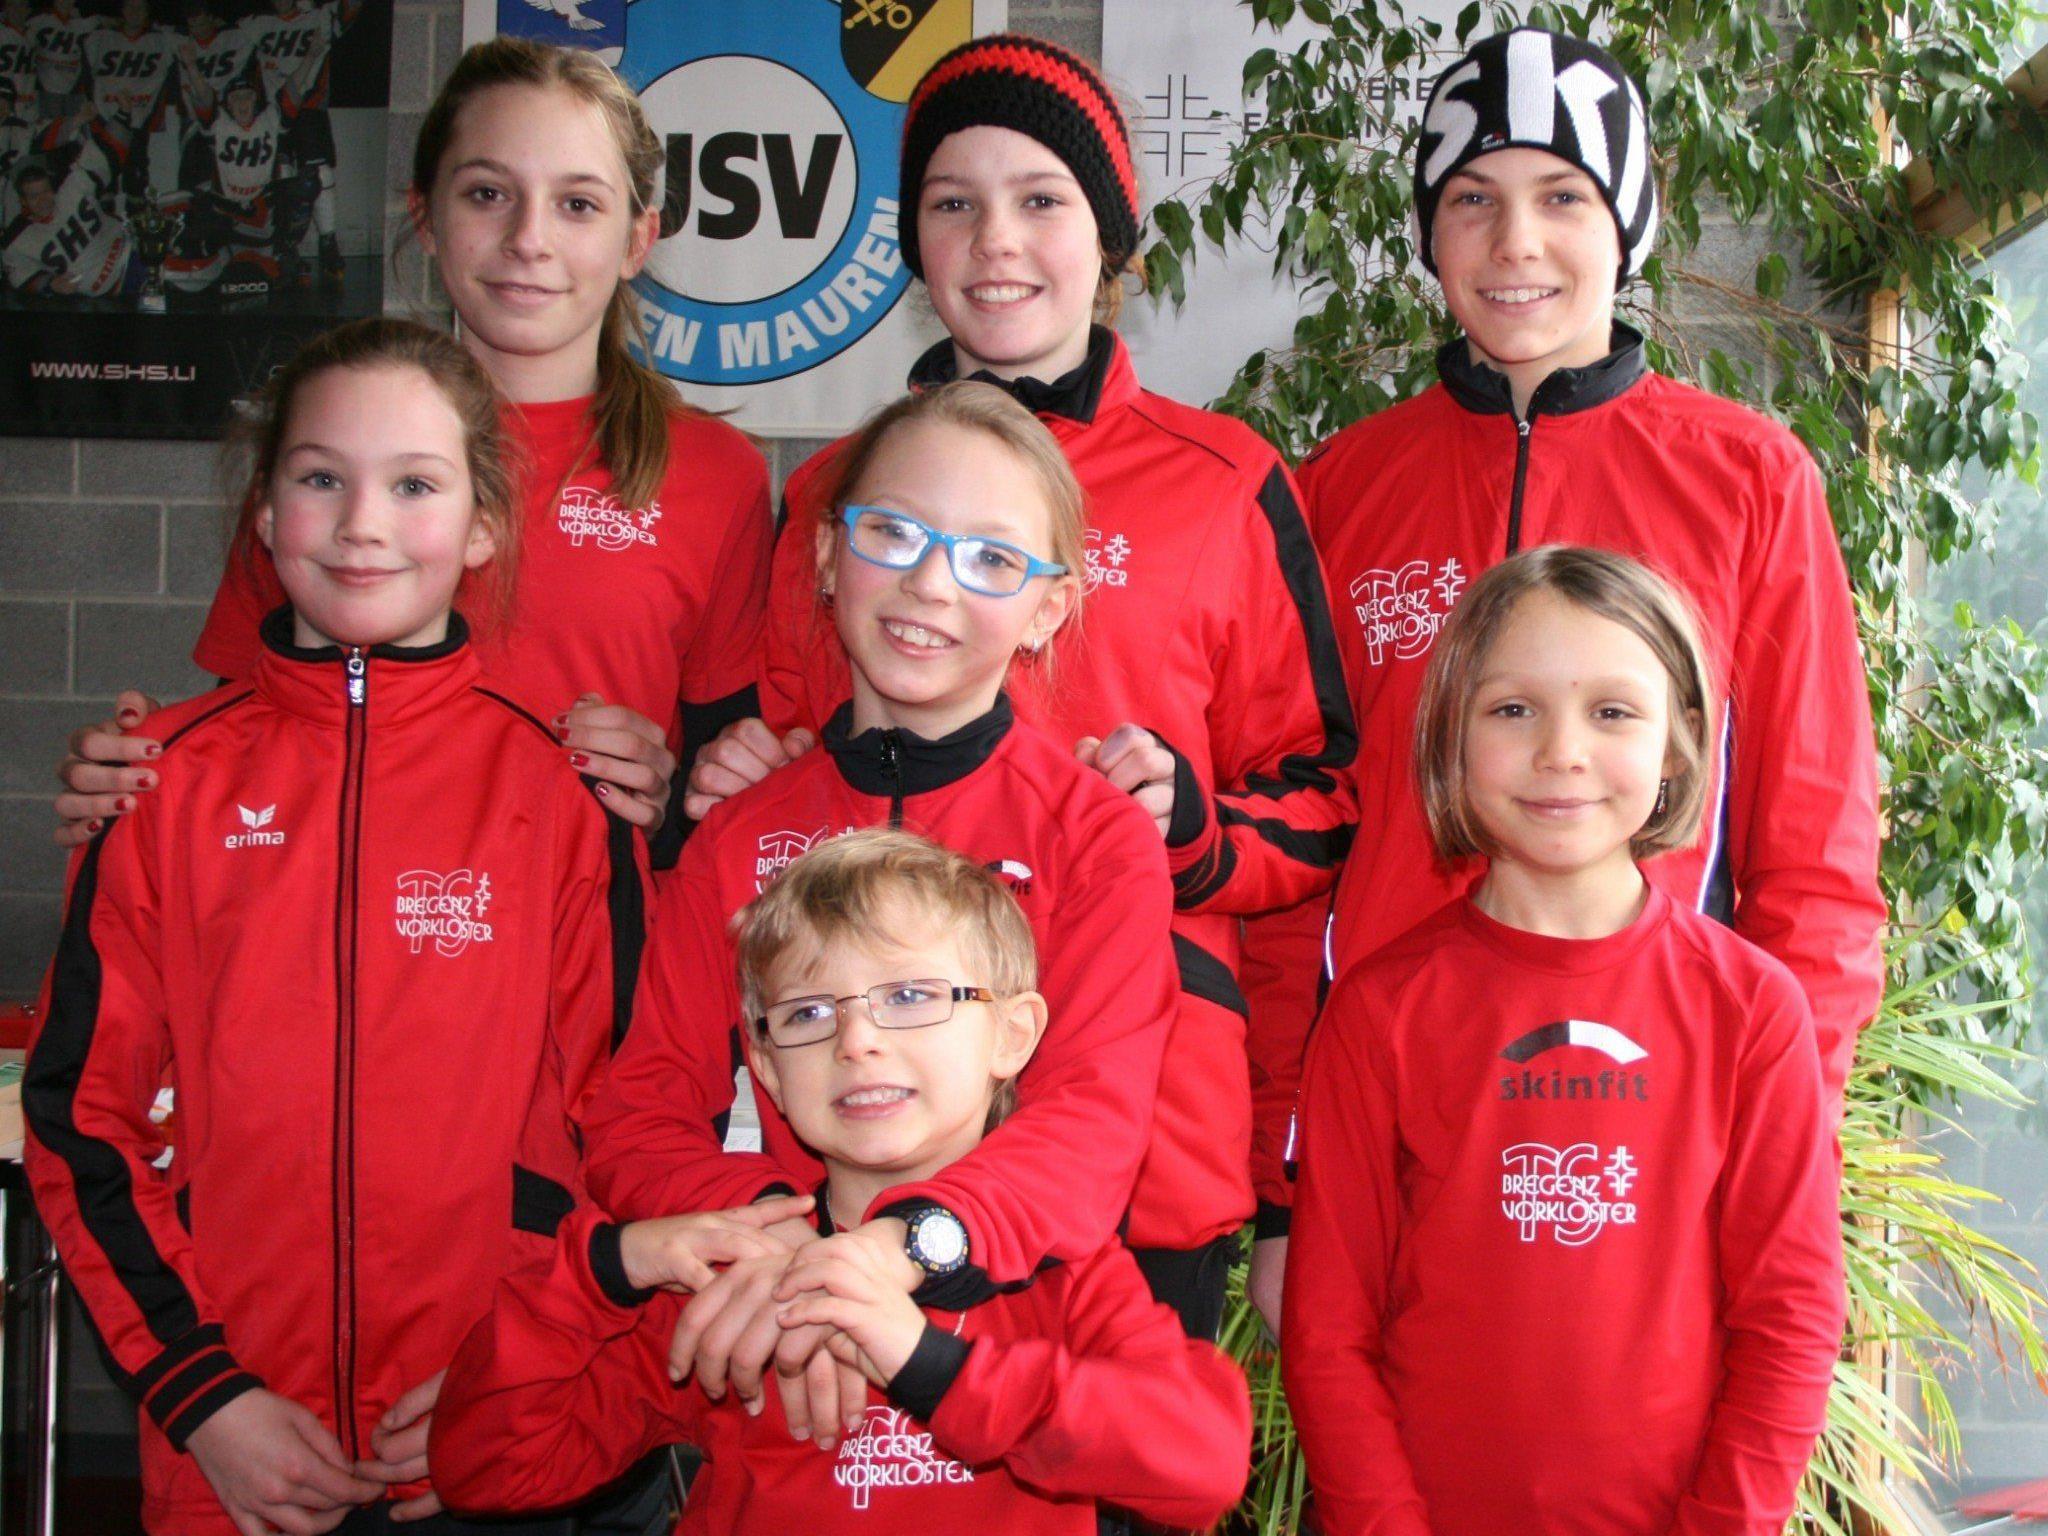 Die erfolgreichen Läufer der TS Bregenz-Vorkloster bei der Crosslaufmeisterschaft in Eschen.